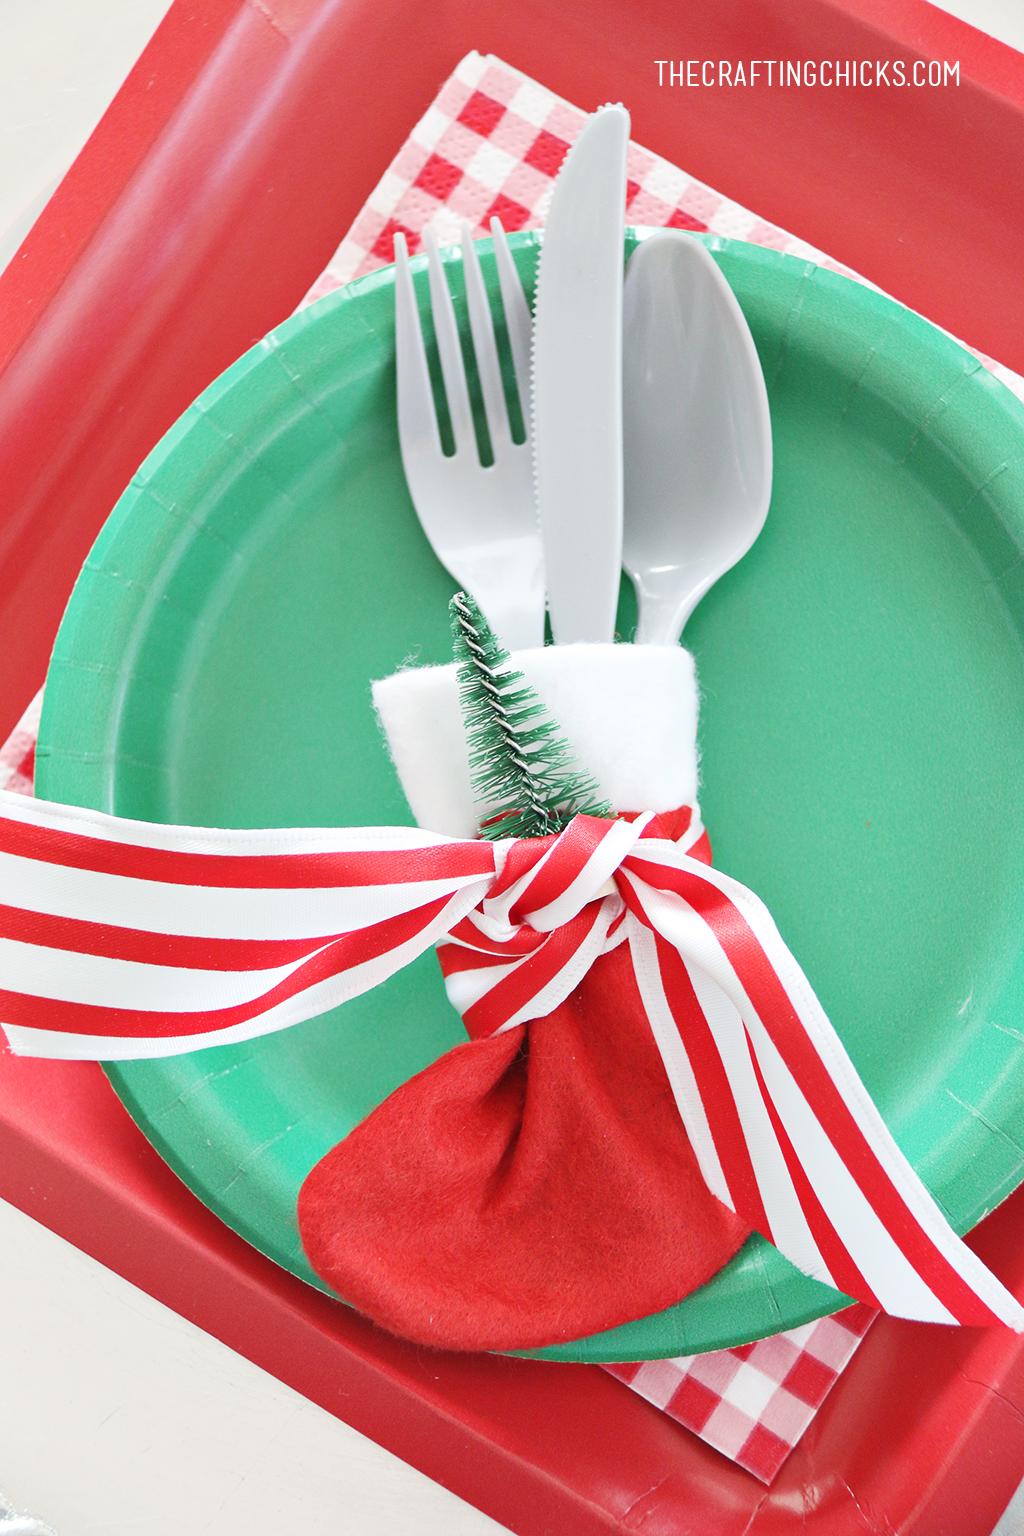 Stocking Utensil Holder Place Settings for Christmas Morning Breakfast